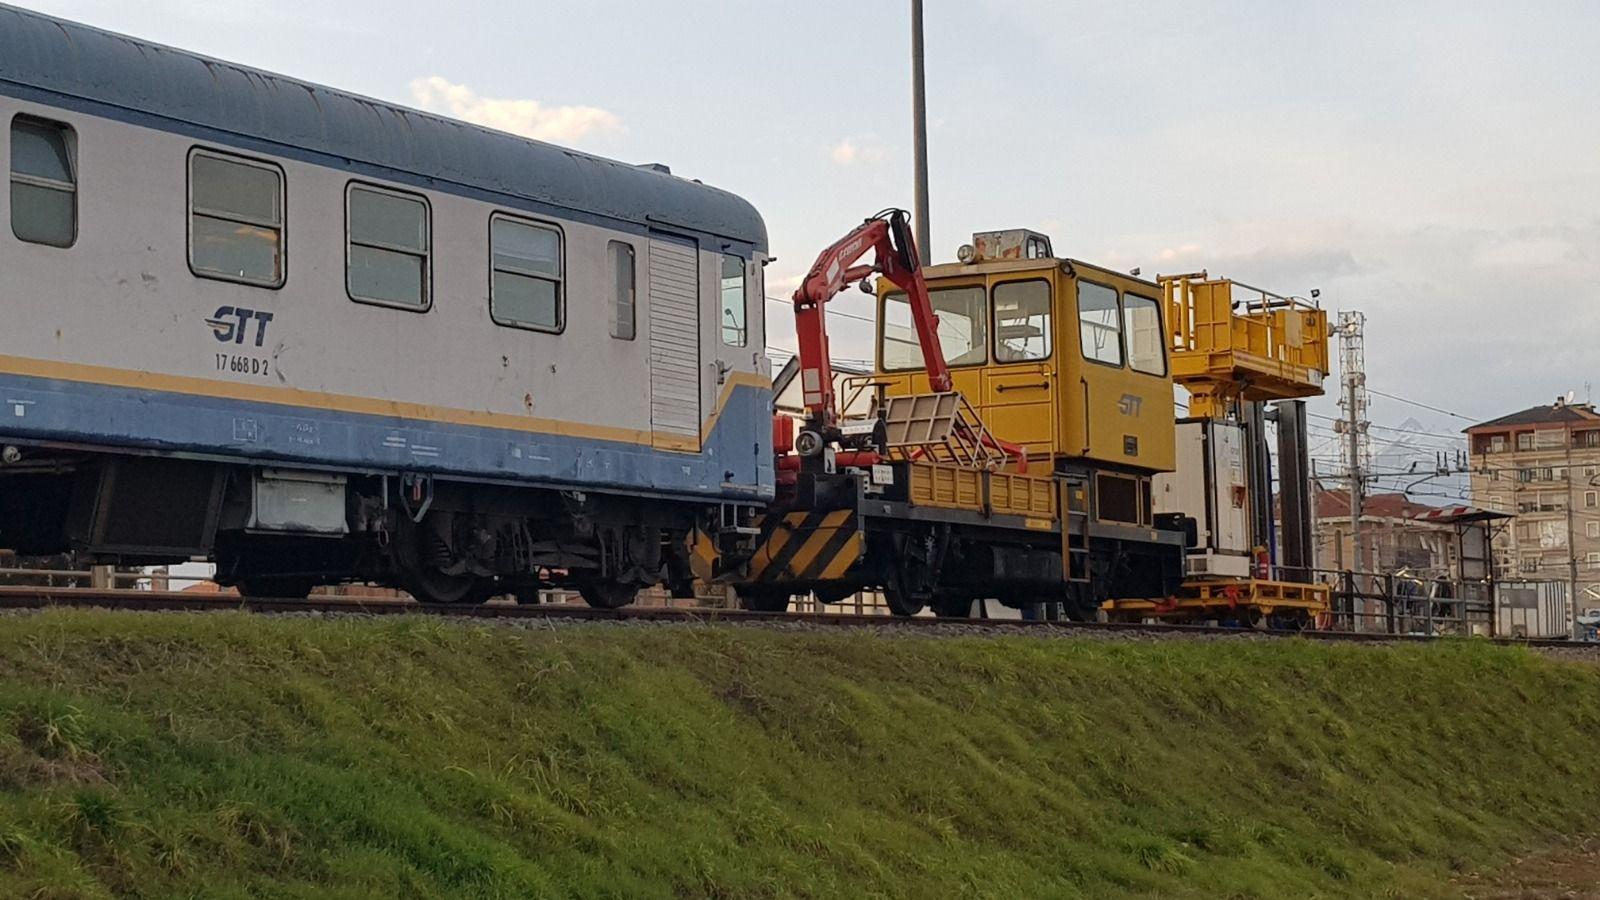 RIVAROLO - Si apre uno spiraglio per le officine Gtt: potrebbero passare a Trenitalia